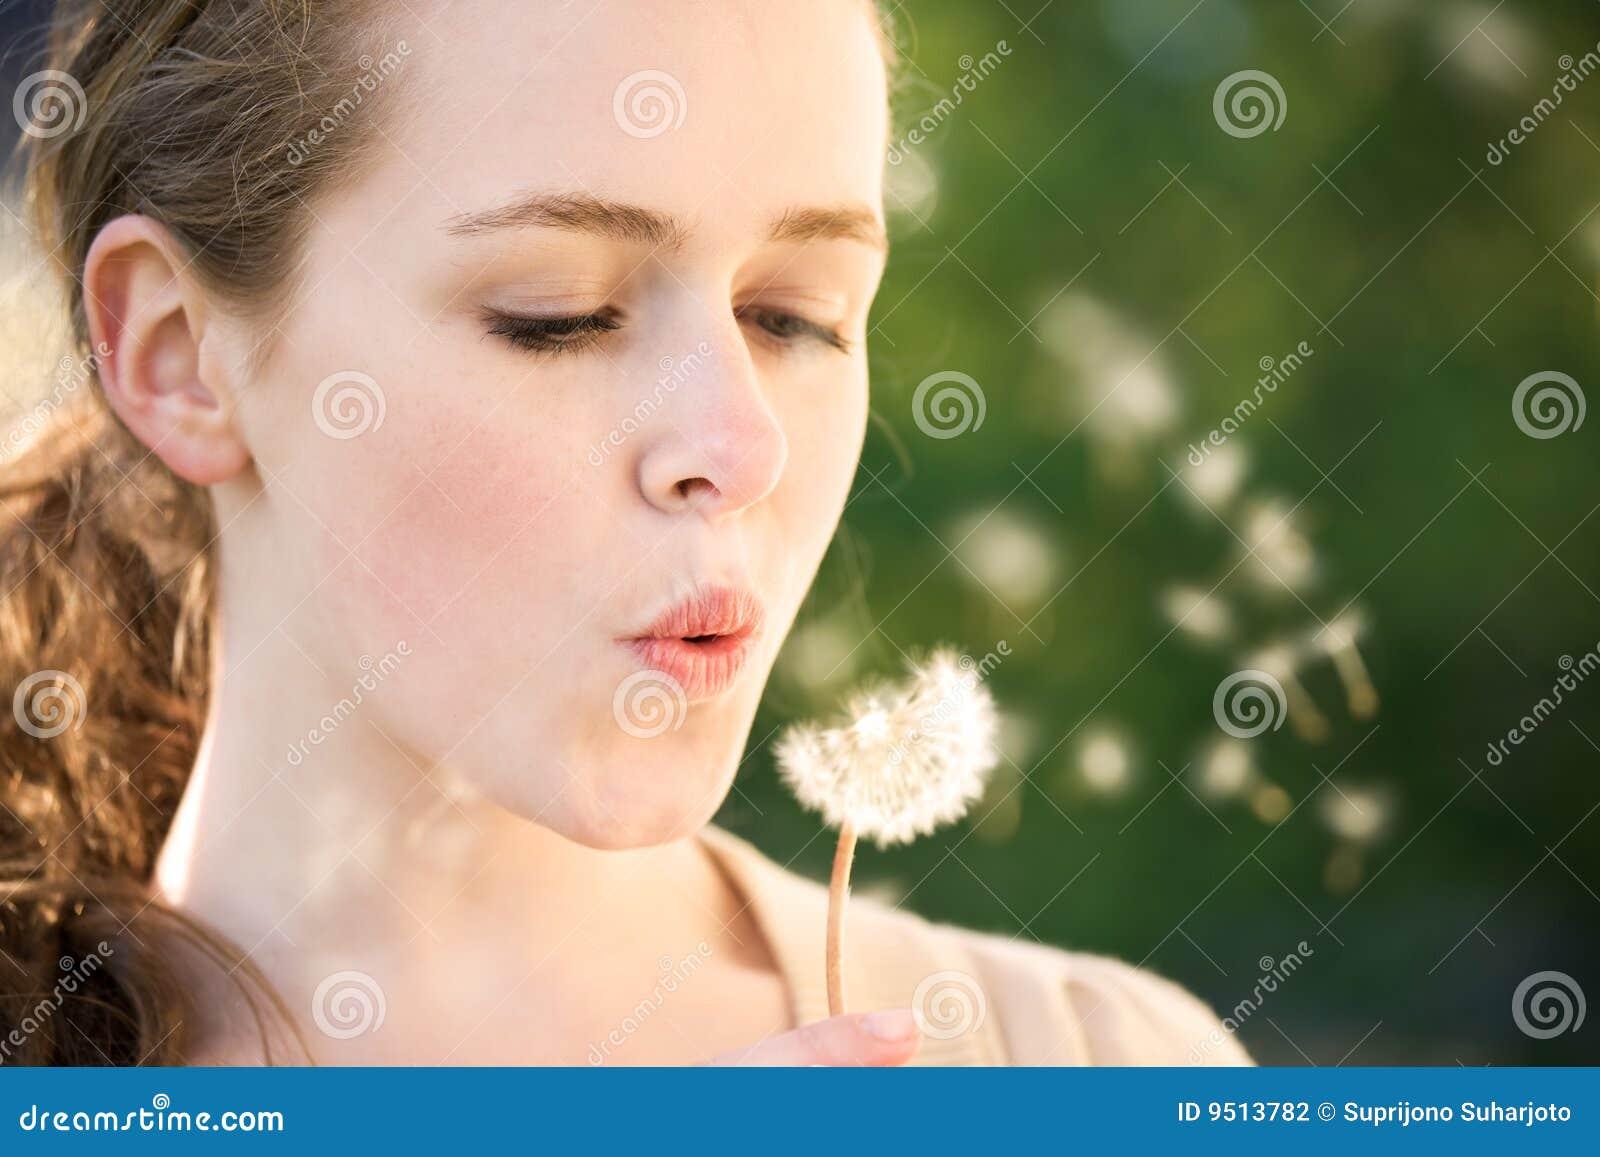 Girl make a wish